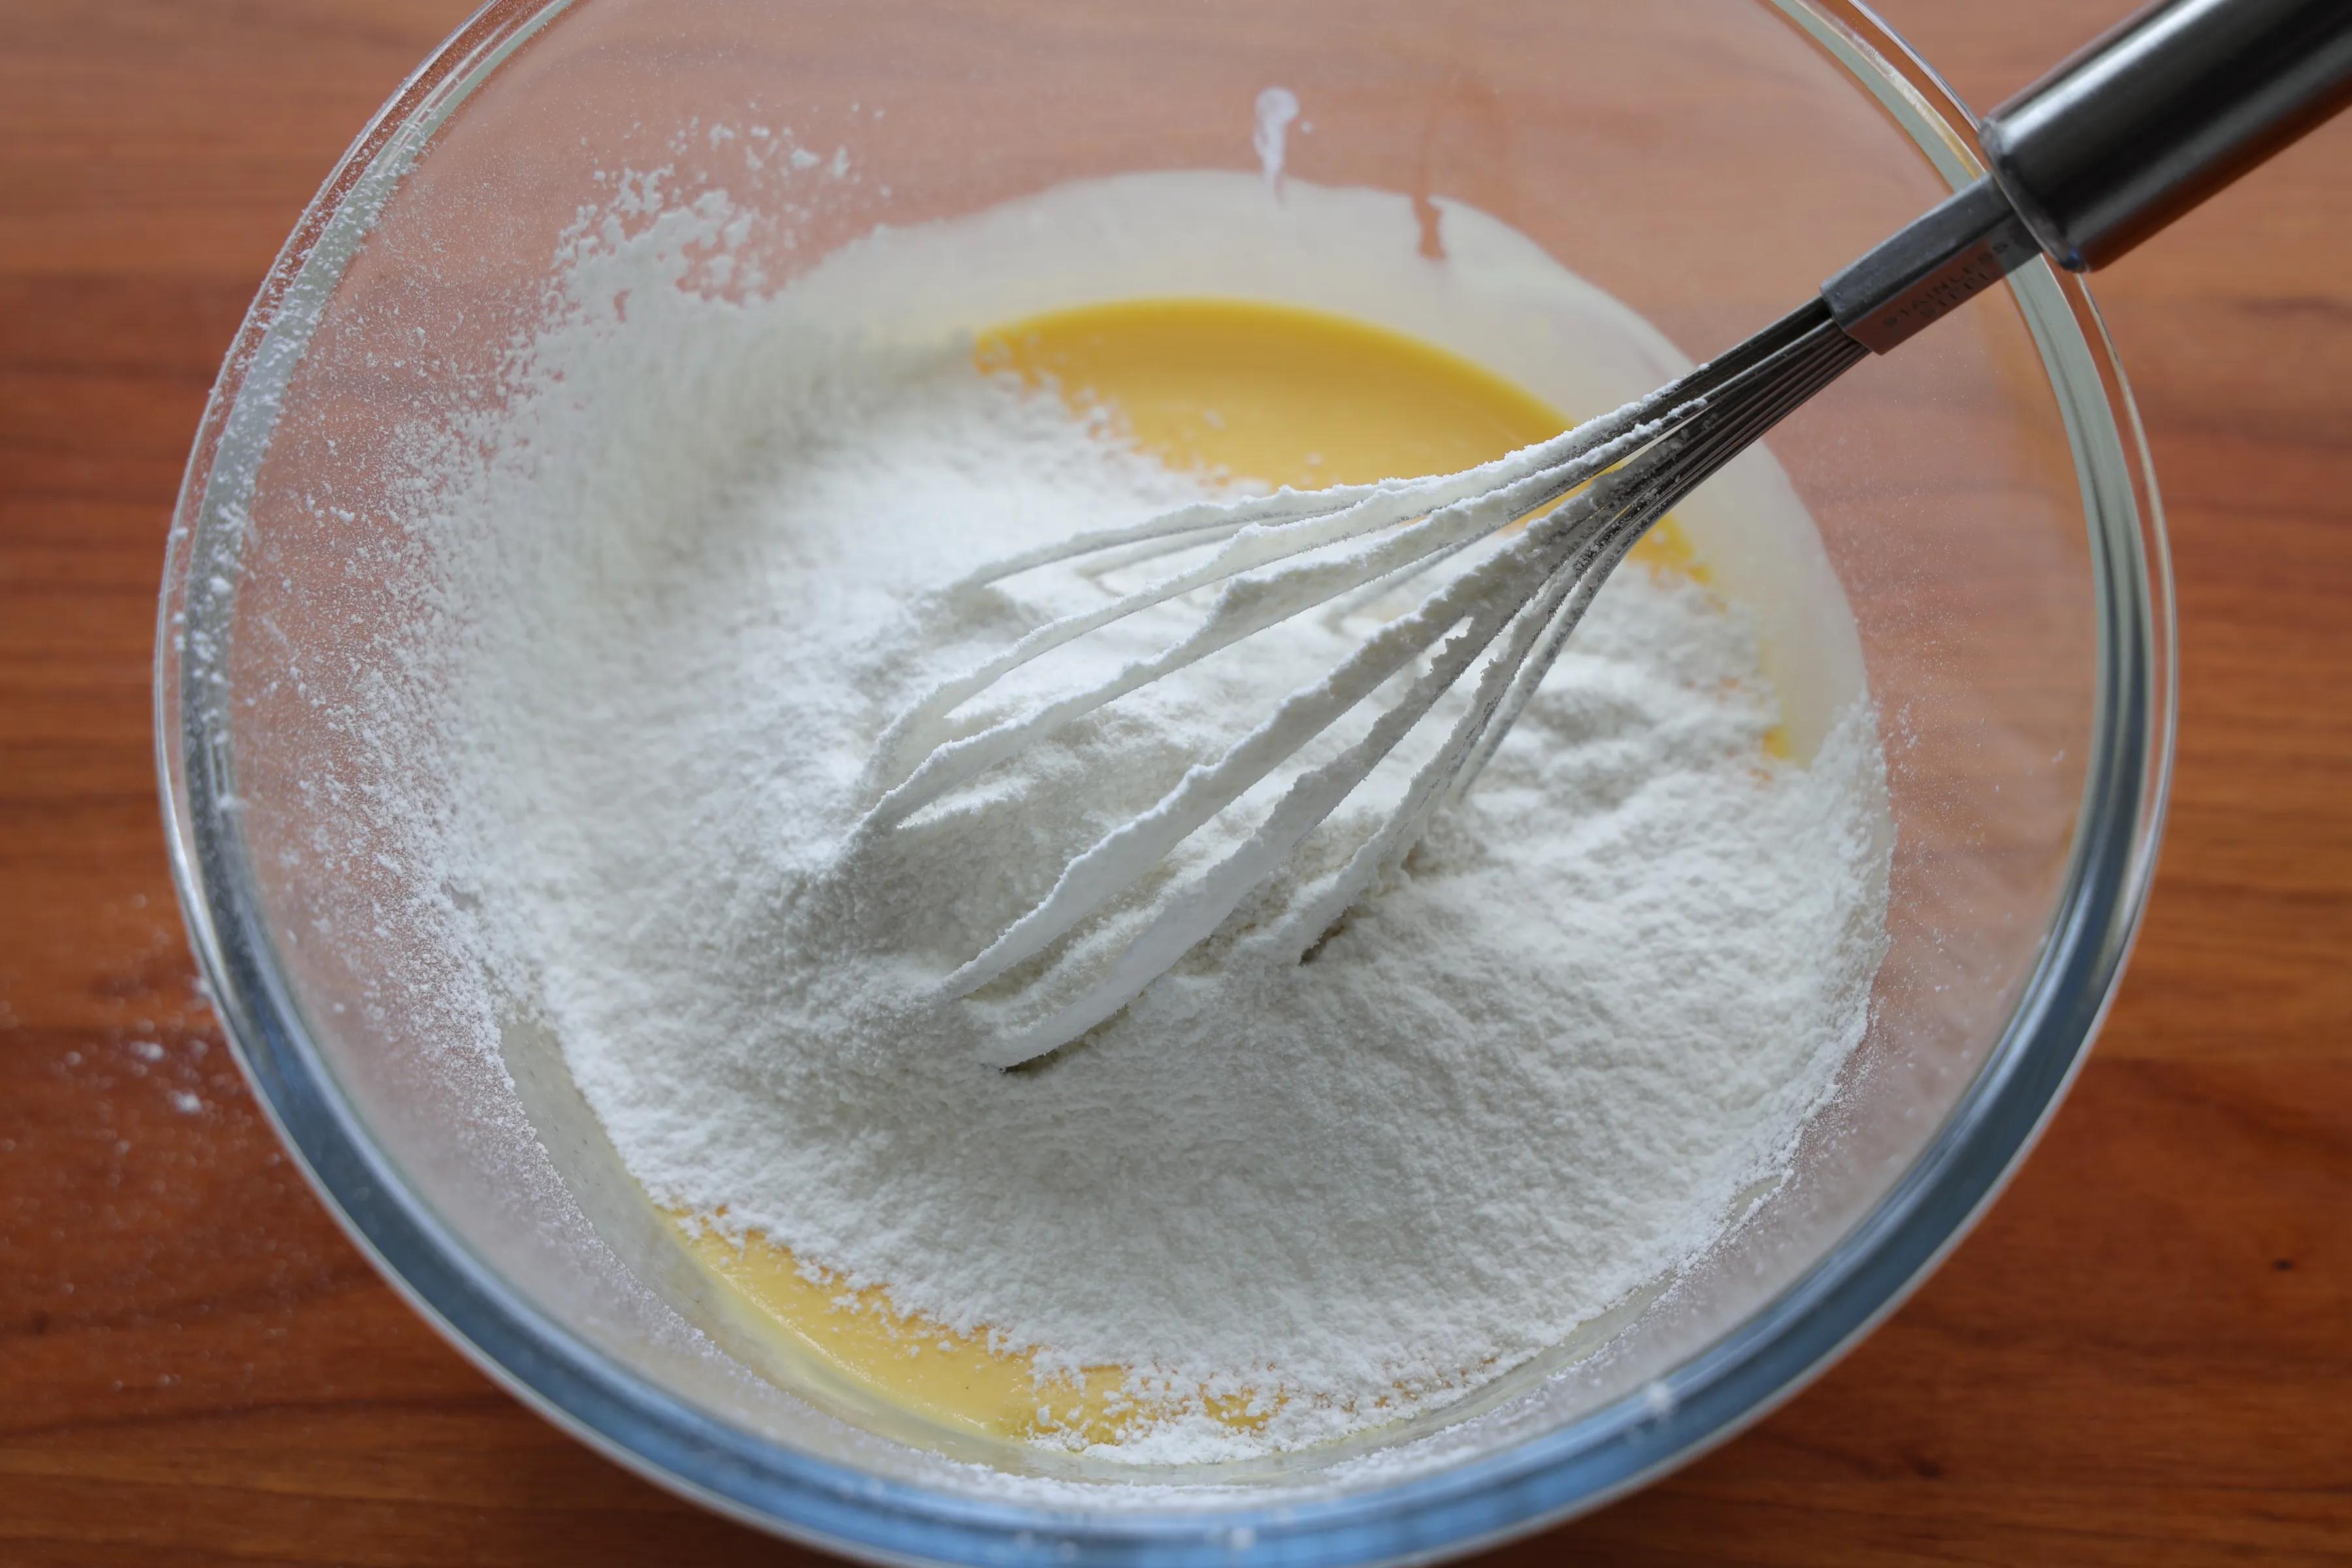 适合秋天吃的酸奶蛋糕,绵软细腻不上火,酸甜可口入口即化,真香